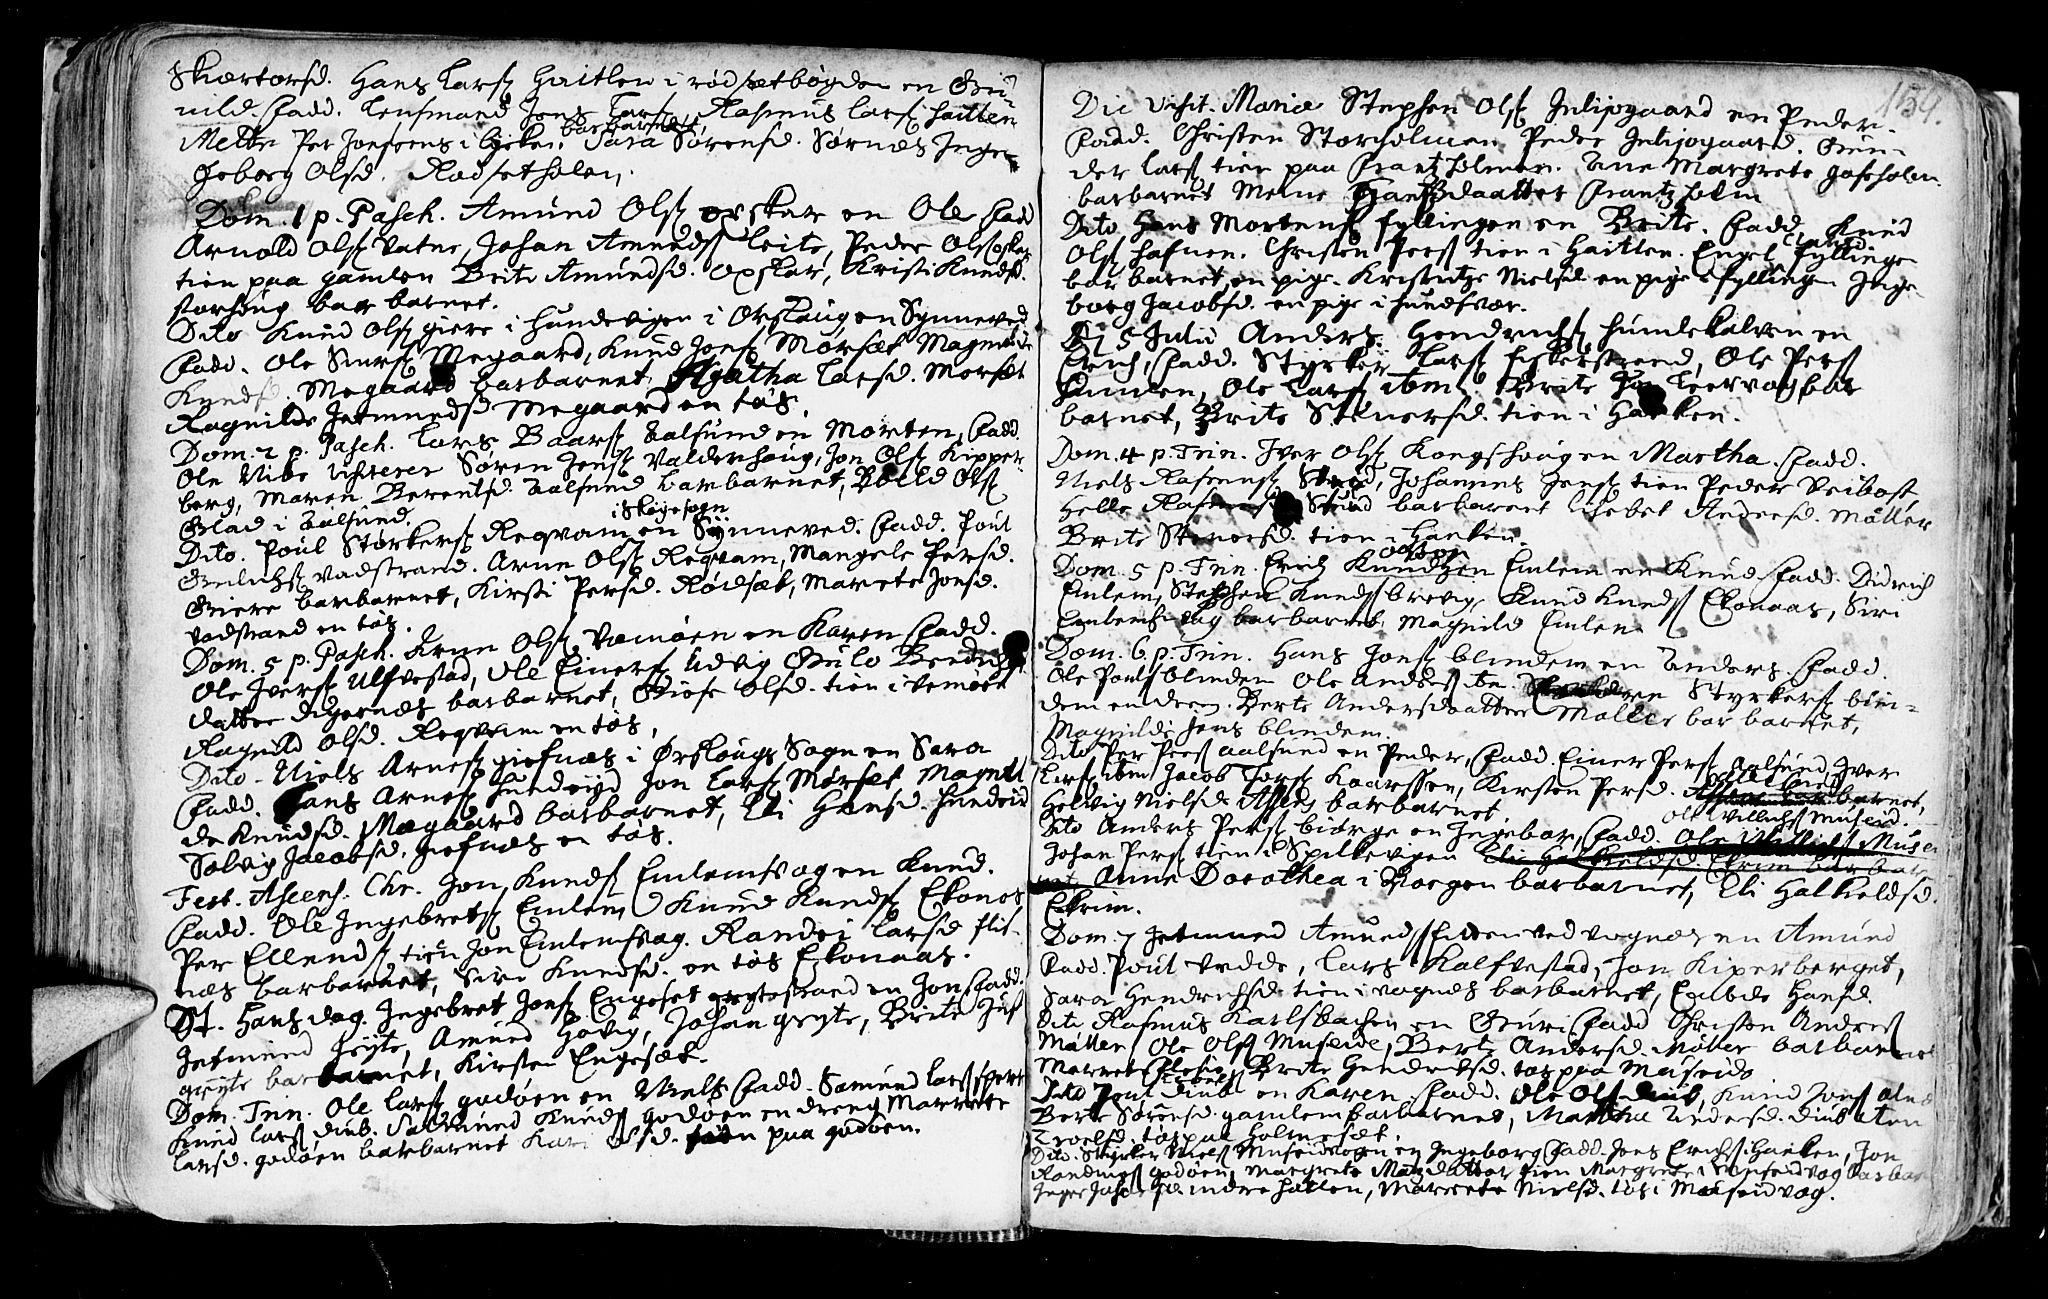 SAT, Ministerialprotokoller, klokkerbøker og fødselsregistre - Møre og Romsdal, 528/L0390: Ministerialbok nr. 528A01, 1698-1739, s. 158-159